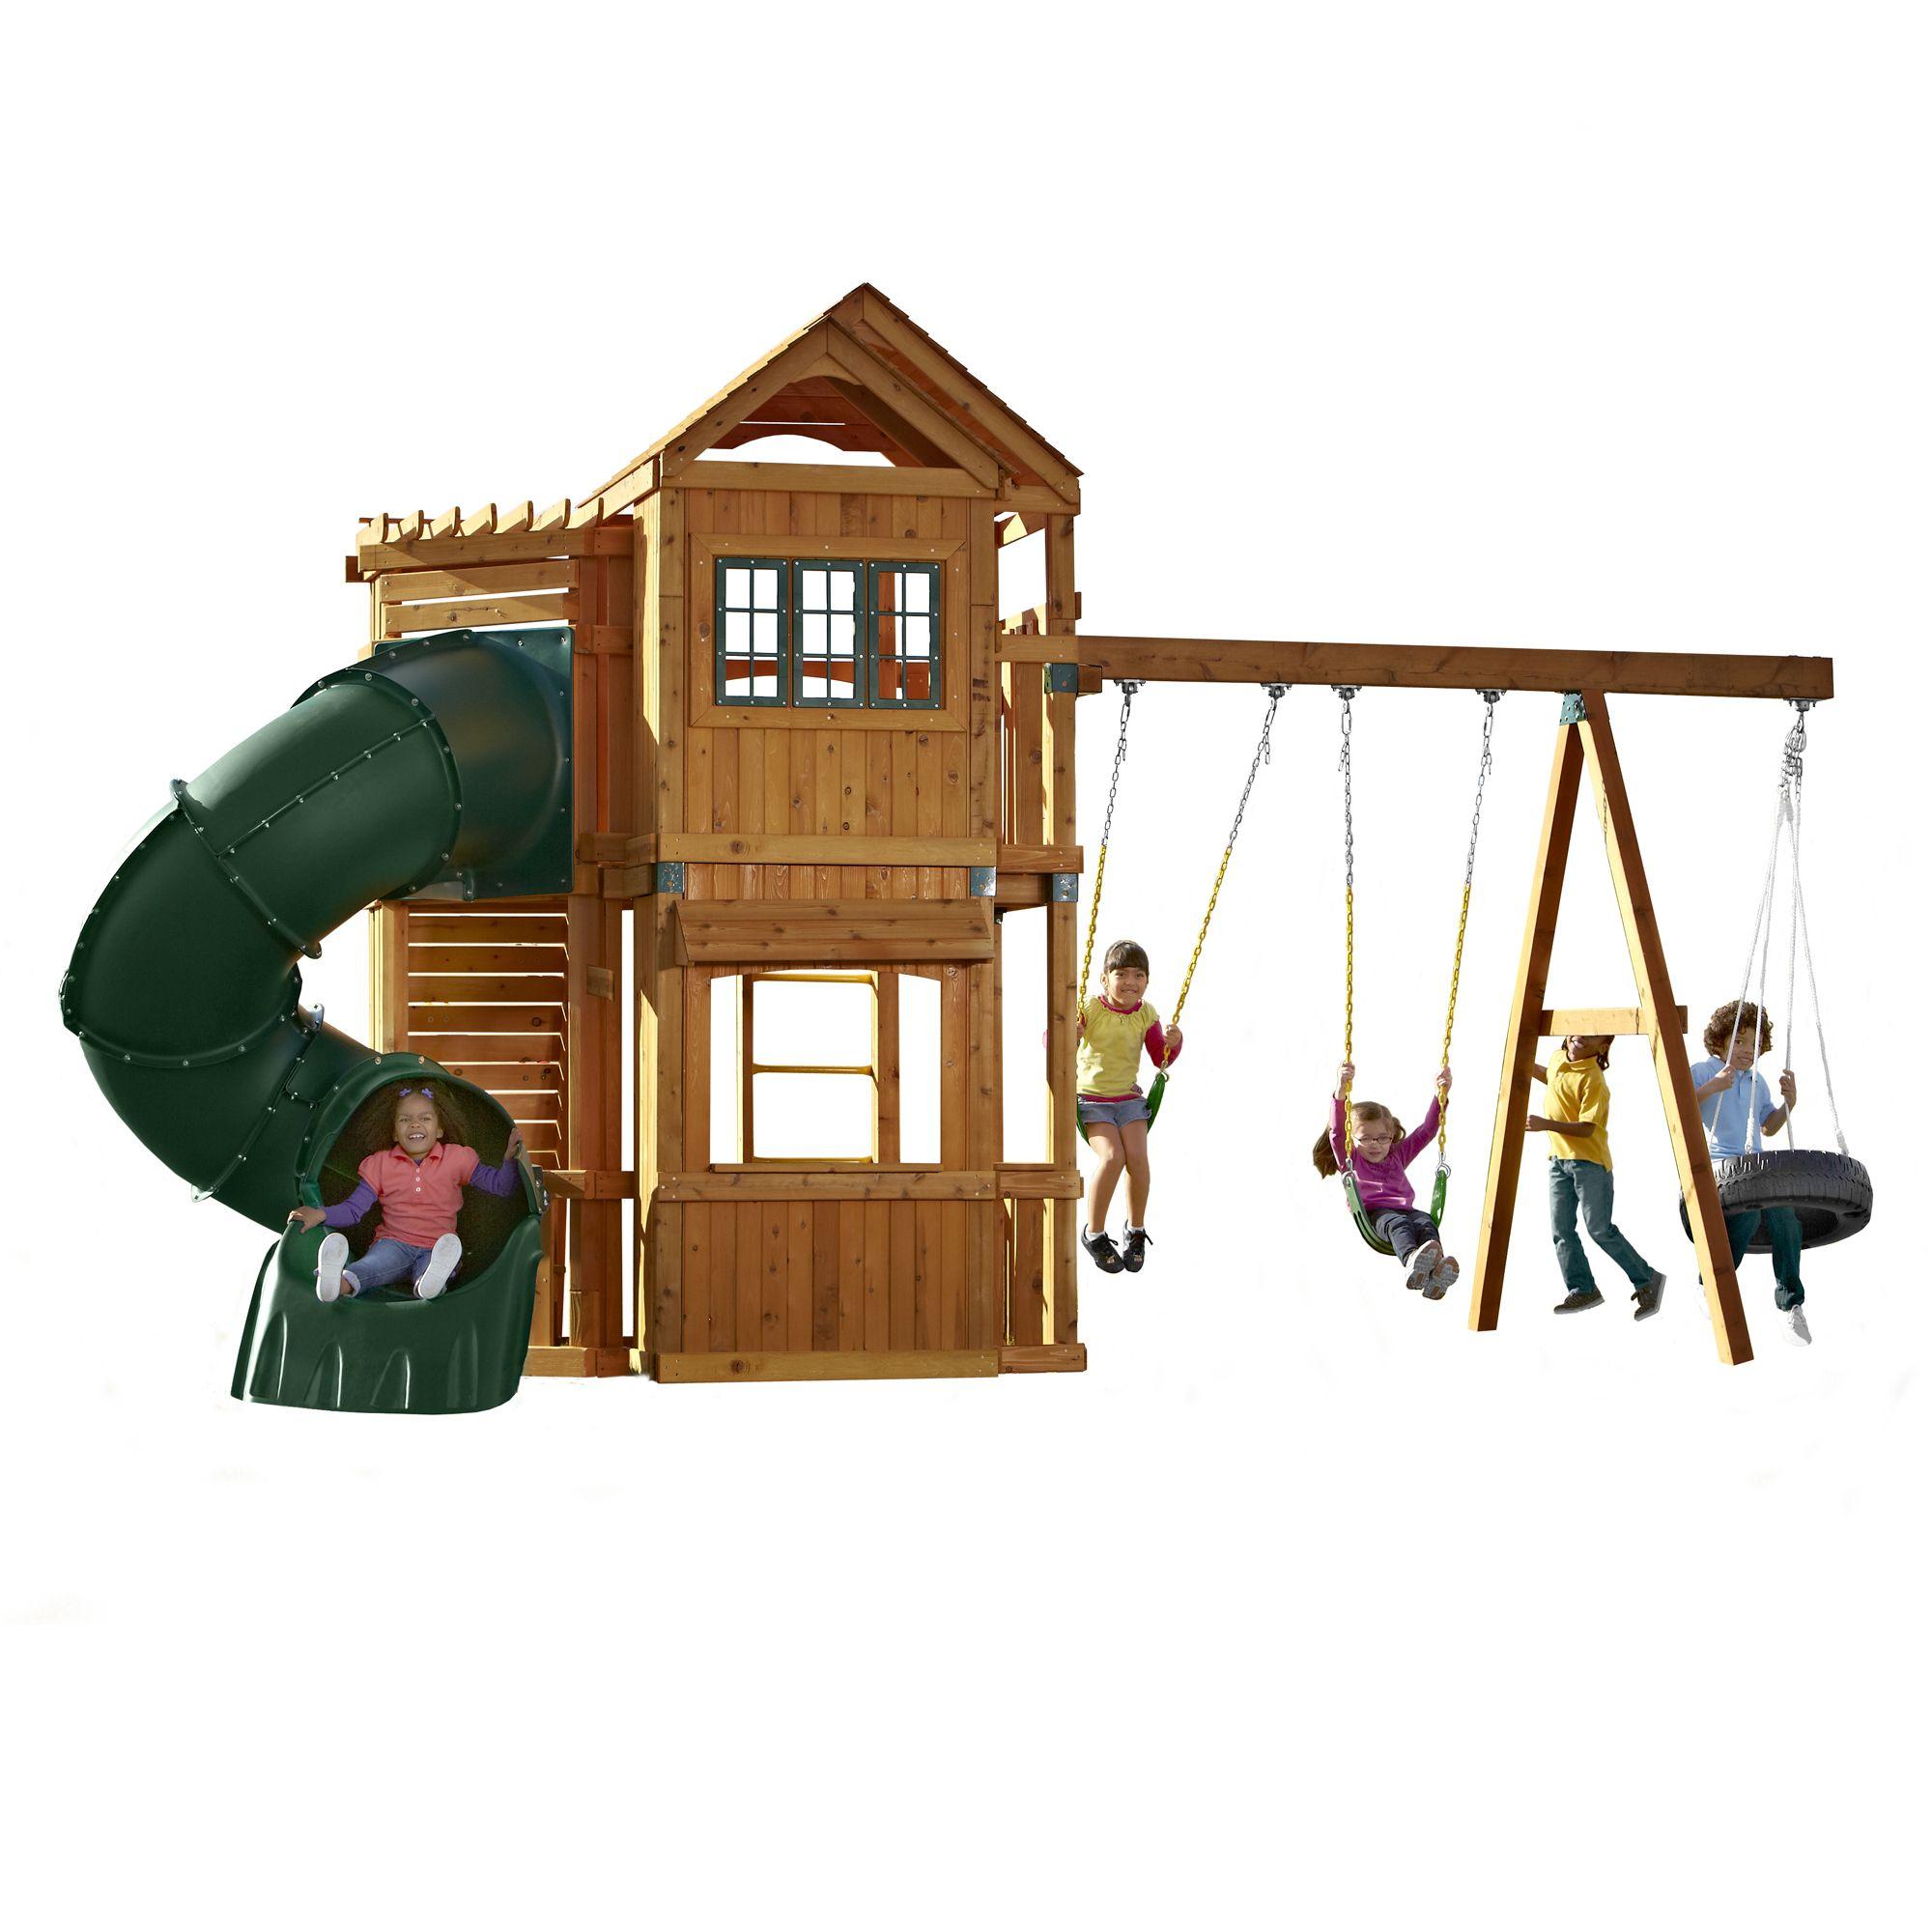 Swing-N-Slide Durango Swing Set by Swing-N-Slide | Swivel, Plays ...